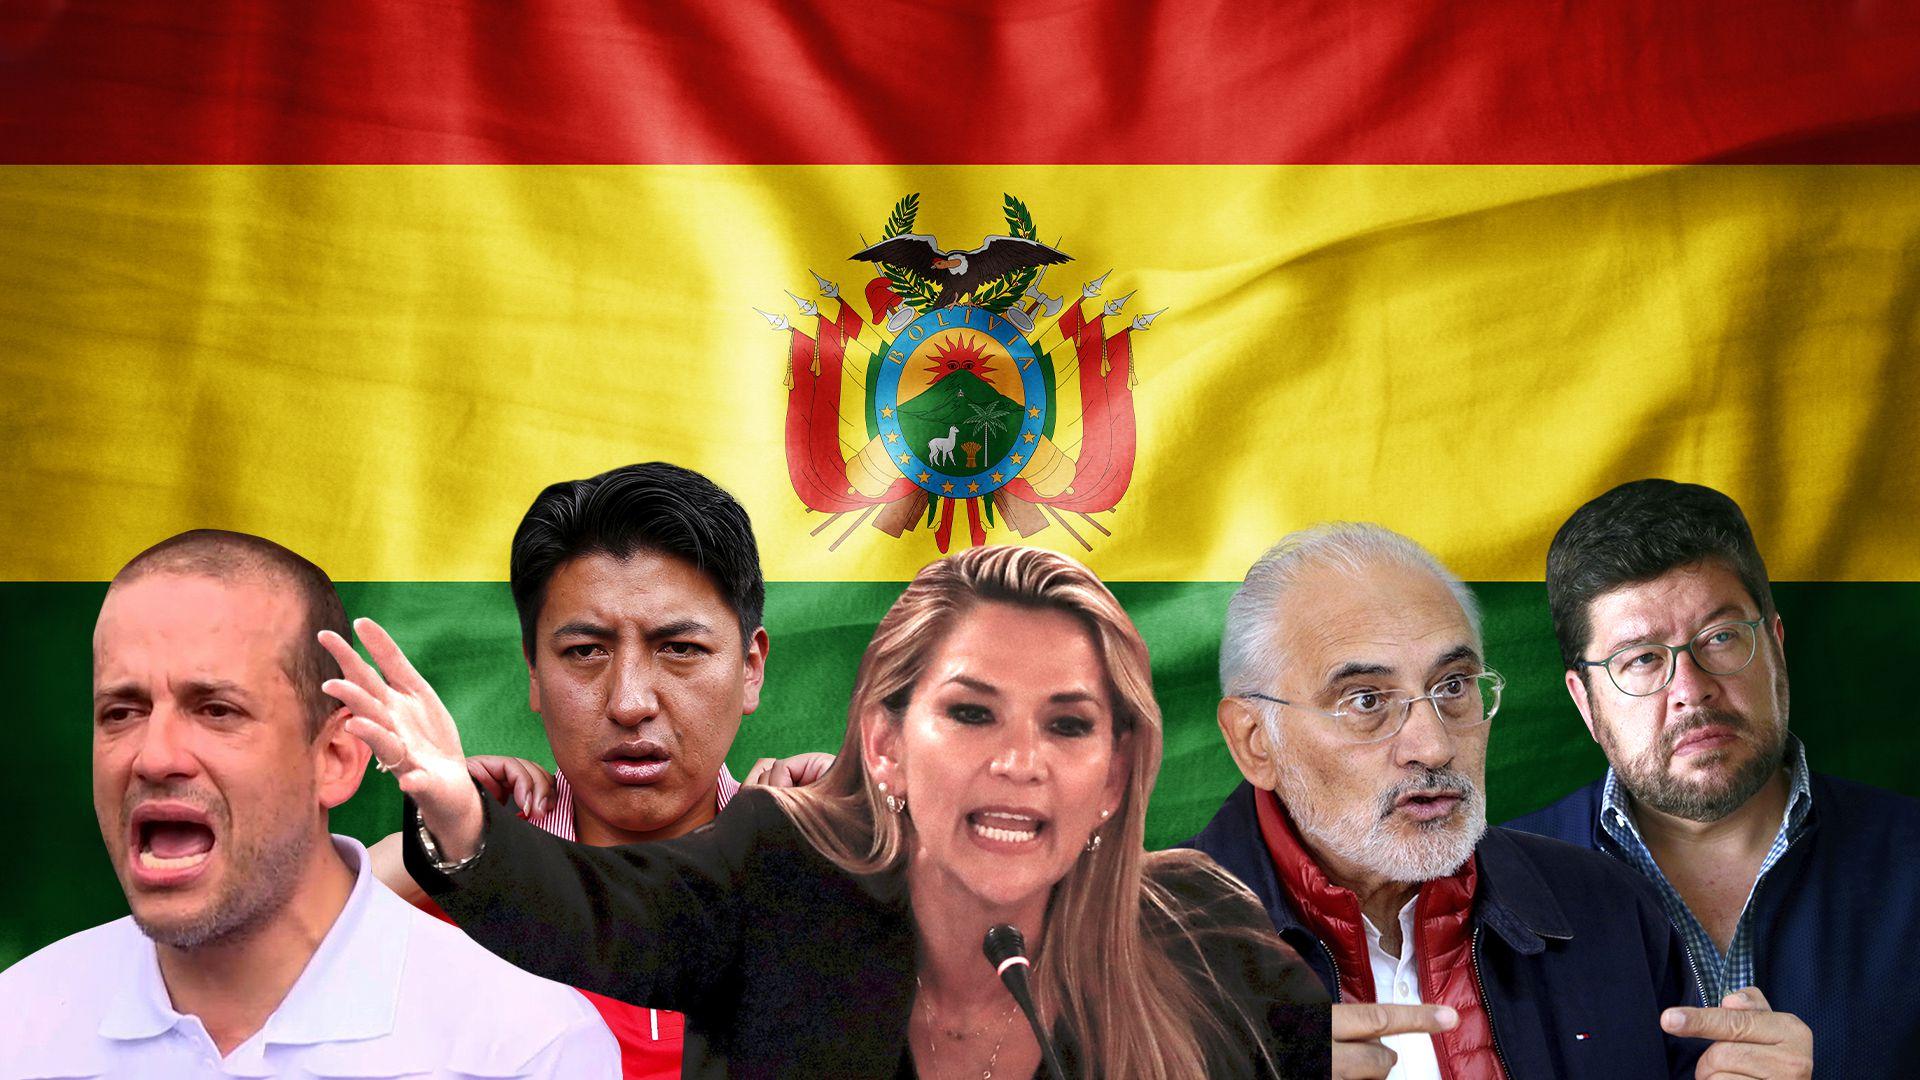 Luis Fernado Camacho, Marcos Pumari, Jeanine Áñez, Carles Mesa y Samuel Doria Medina intercambiaron fuertes críticas y recriminaciones públicas en la última semana en la pelea por diferenciarse y hacerse un lugar en un eventual balotaje presidencial.